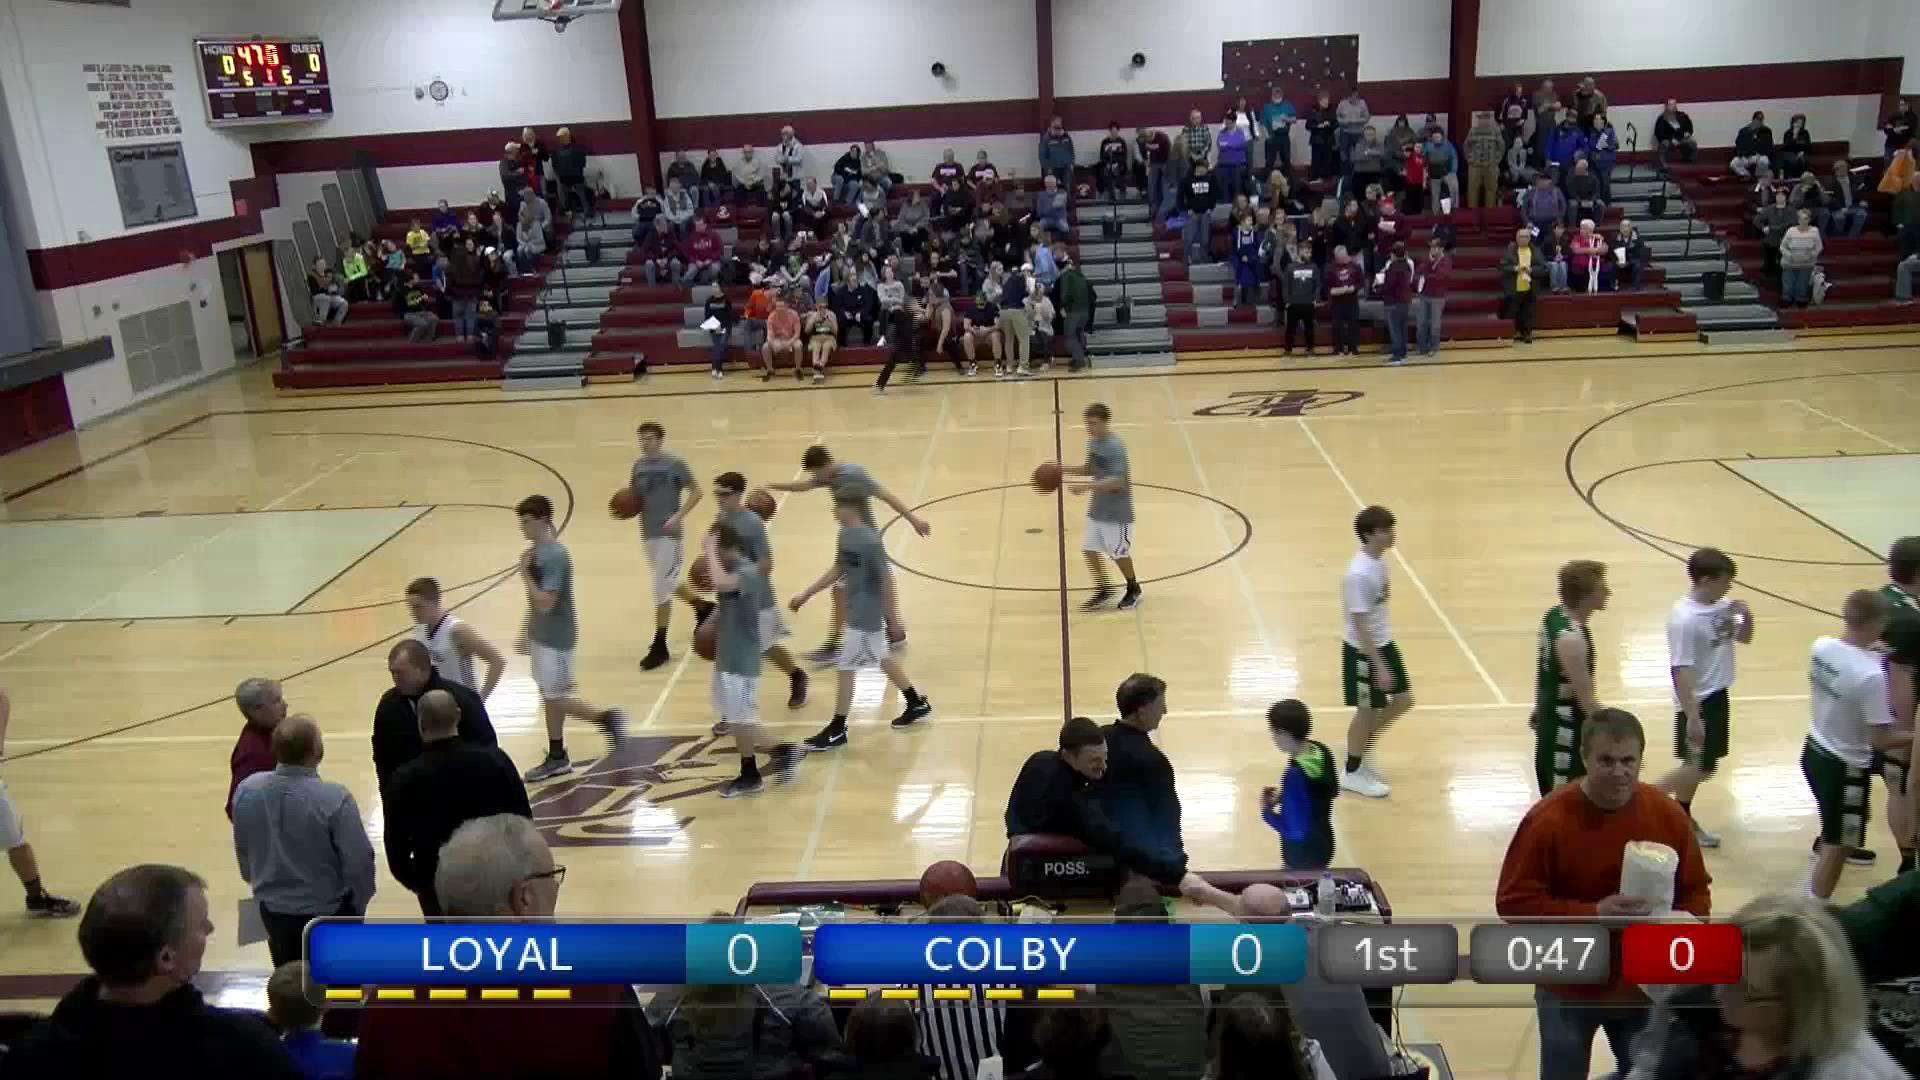 BBB Colby at Loyal